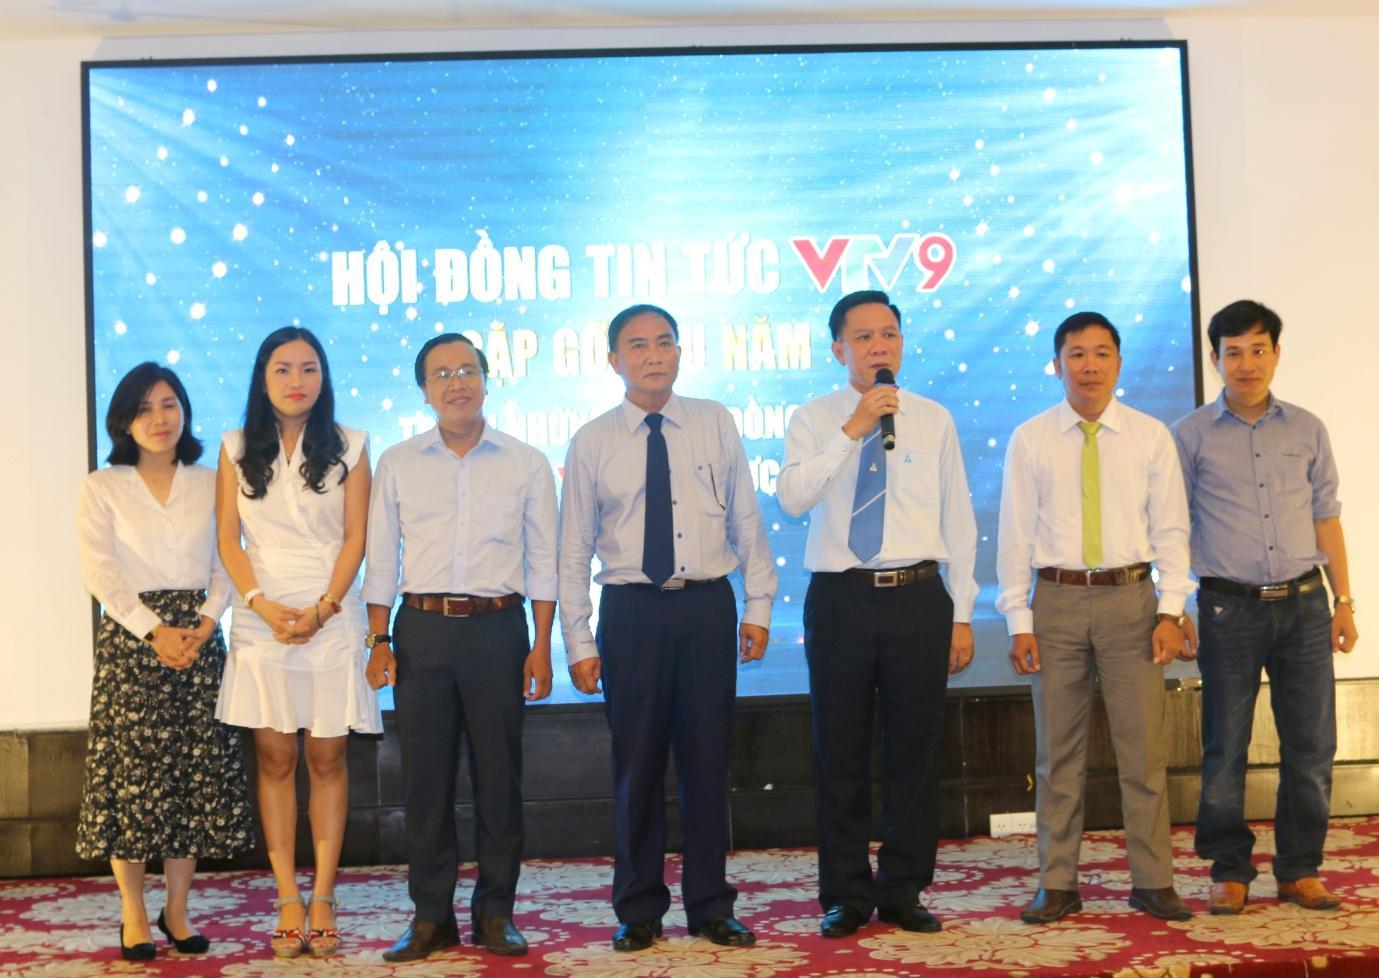 Hội đồng tin tức VTV9 - Kết nối các doanh nghiệp ĐBSCL